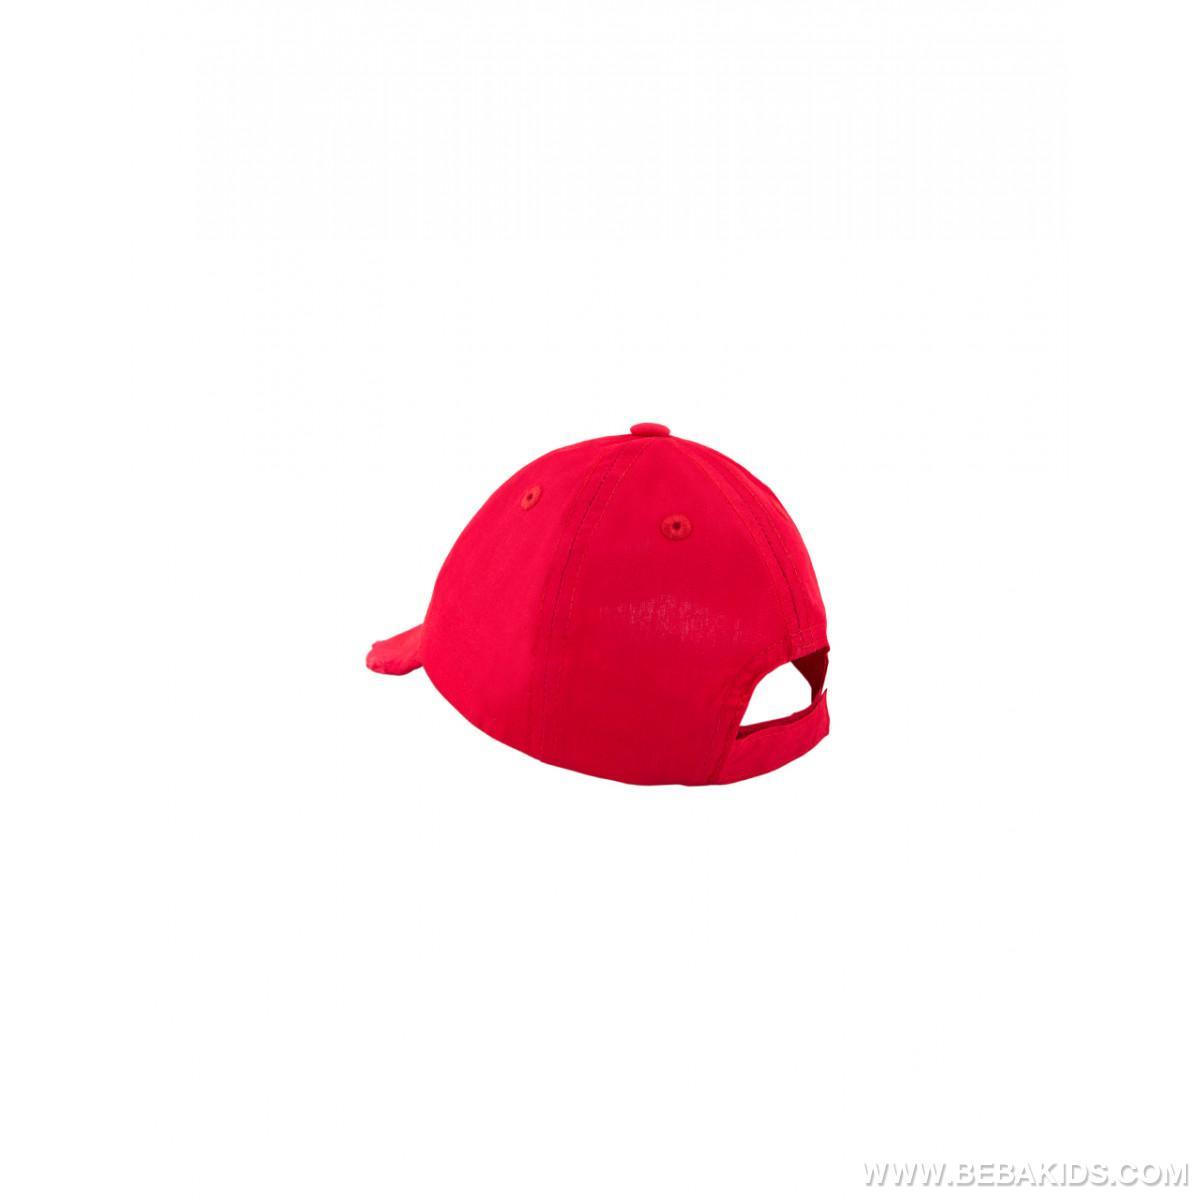 Kačket bebi Red M pl 19